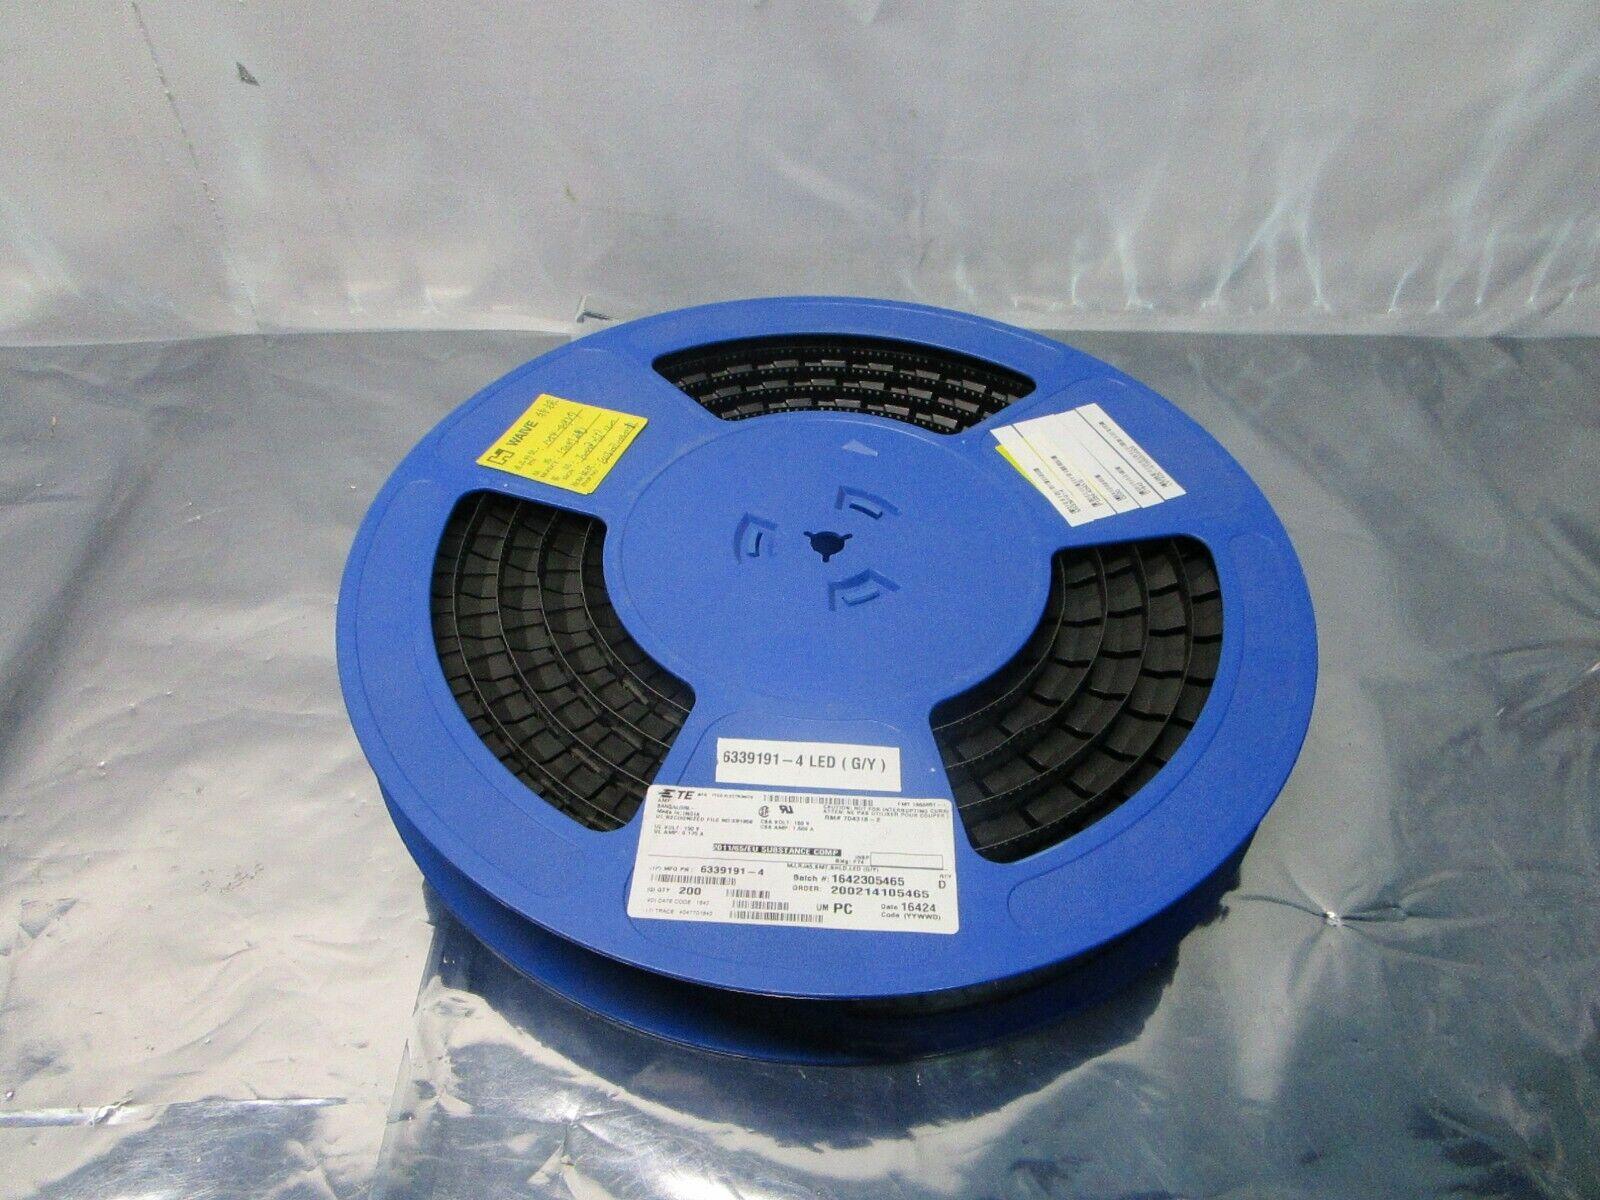 1 Lot of 200 Tyco Electronics 6339191-4 MJ, RJ45, SMT, Shield, LED, 102379